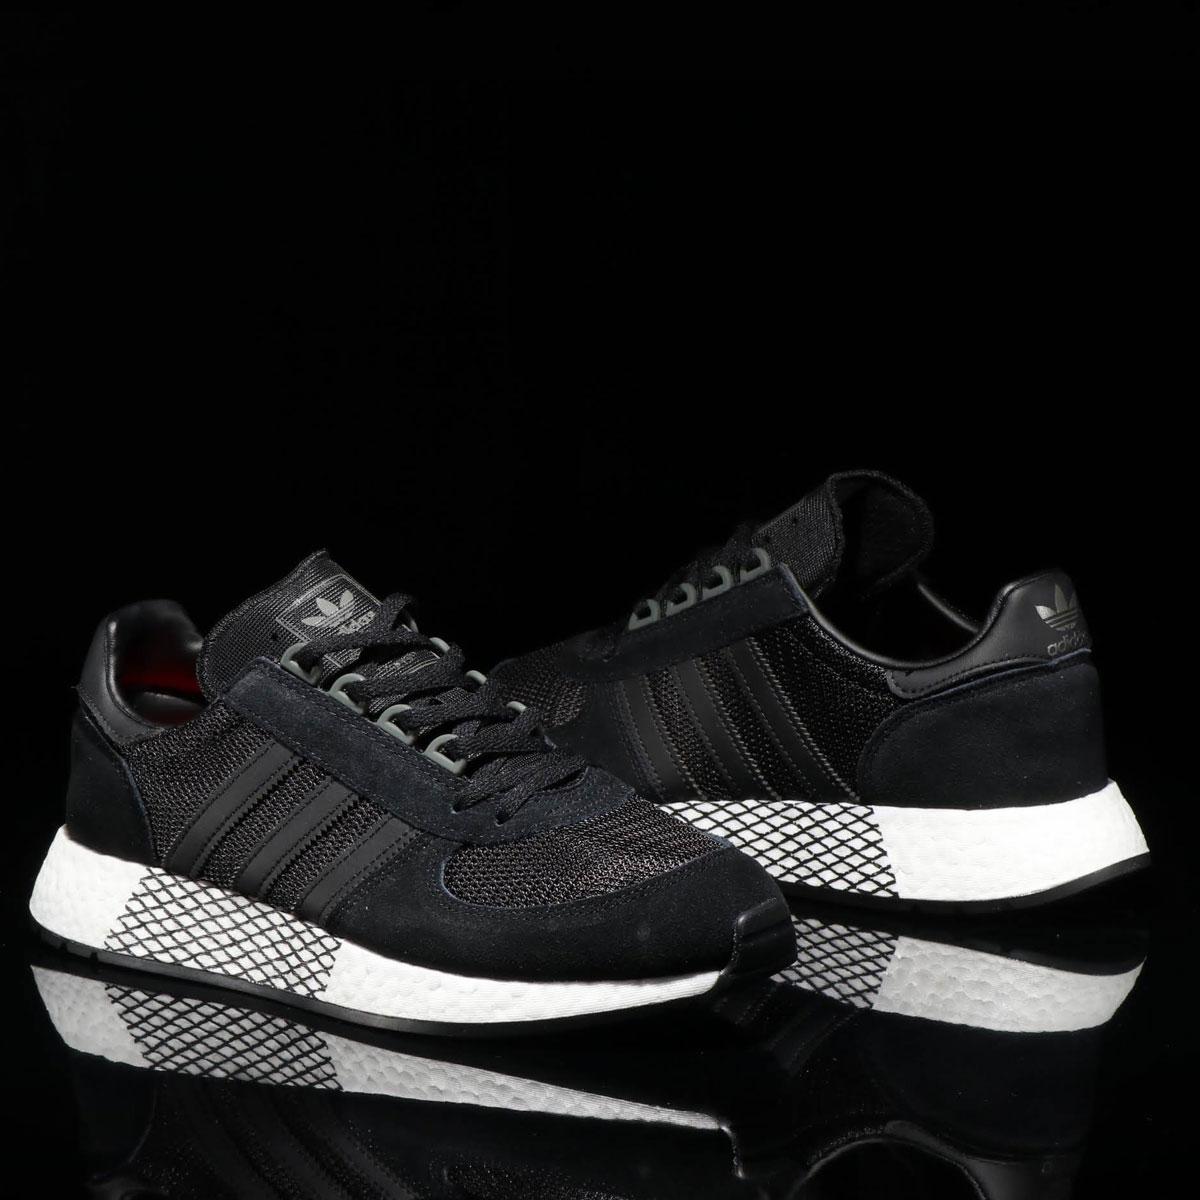 adidas MARATHON x 5923 (アディダス マラソン x 5923) BLACK【メンズ スニーカー】19SS-S